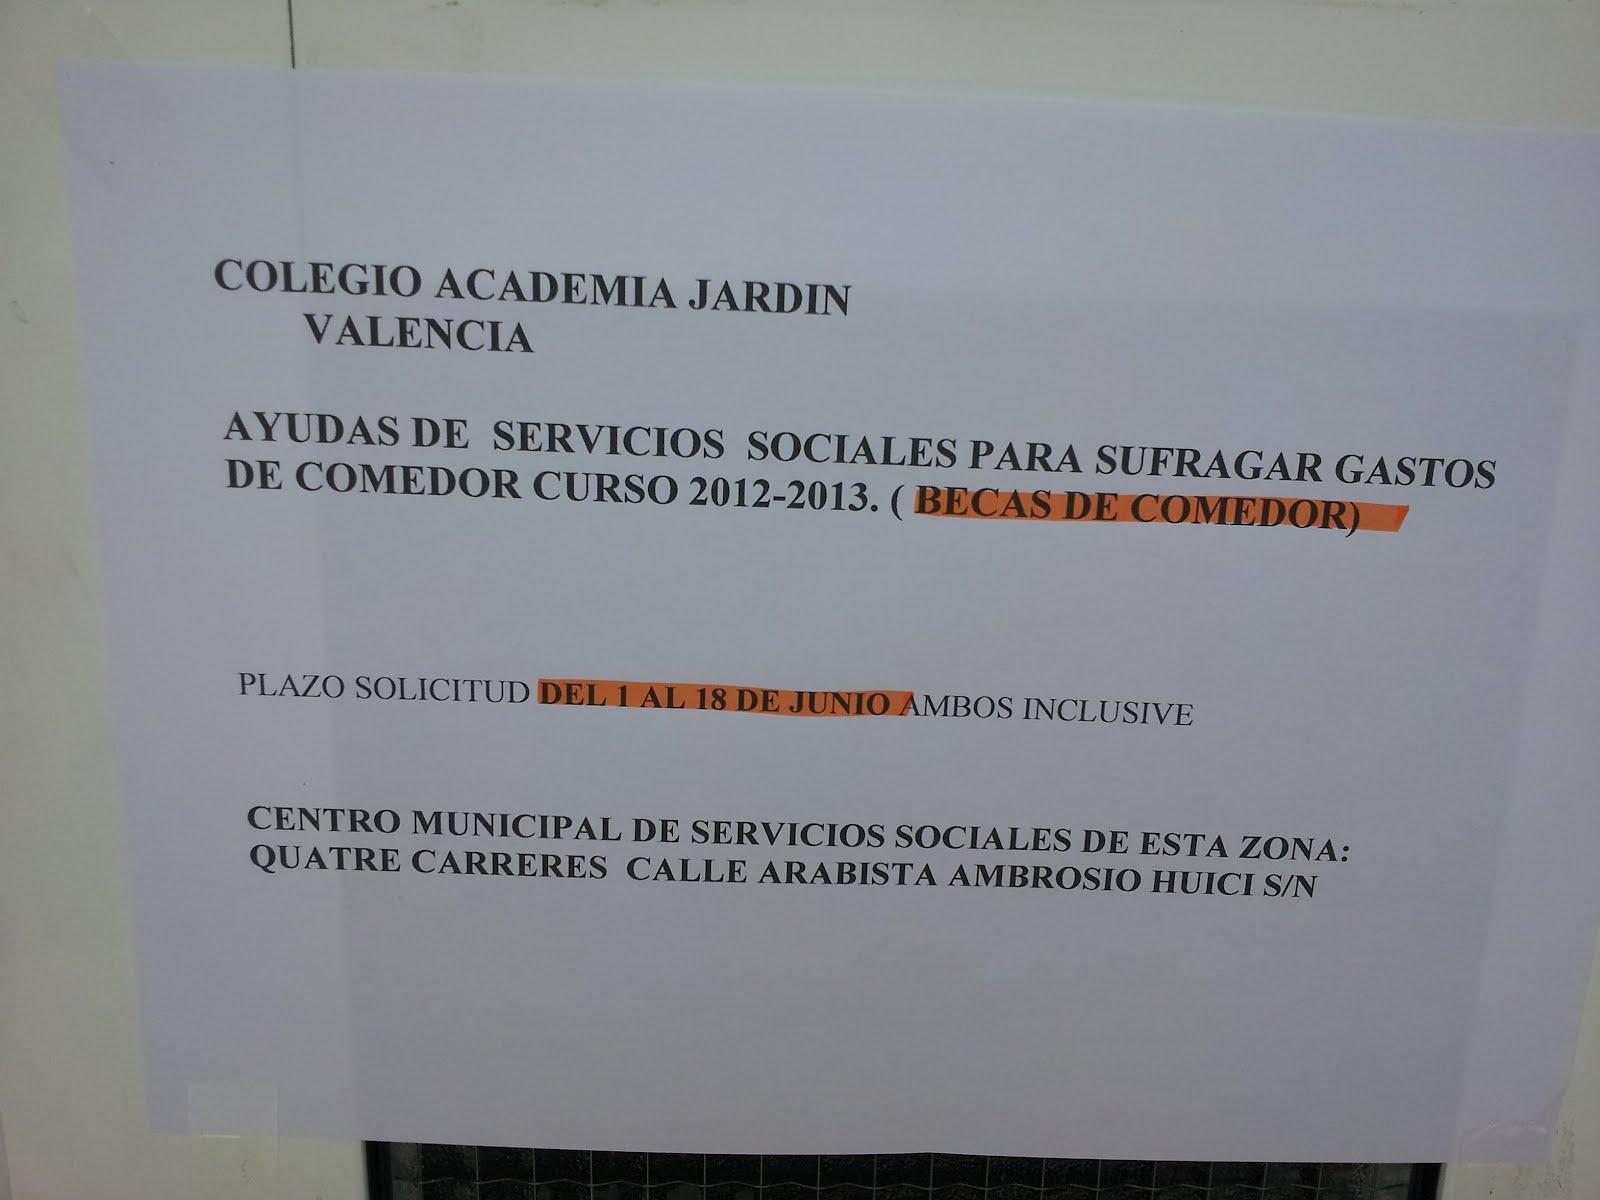 APA COLEGIO ACADEMIA JARDIN: convocatoria de Ayudas de Comedor ...